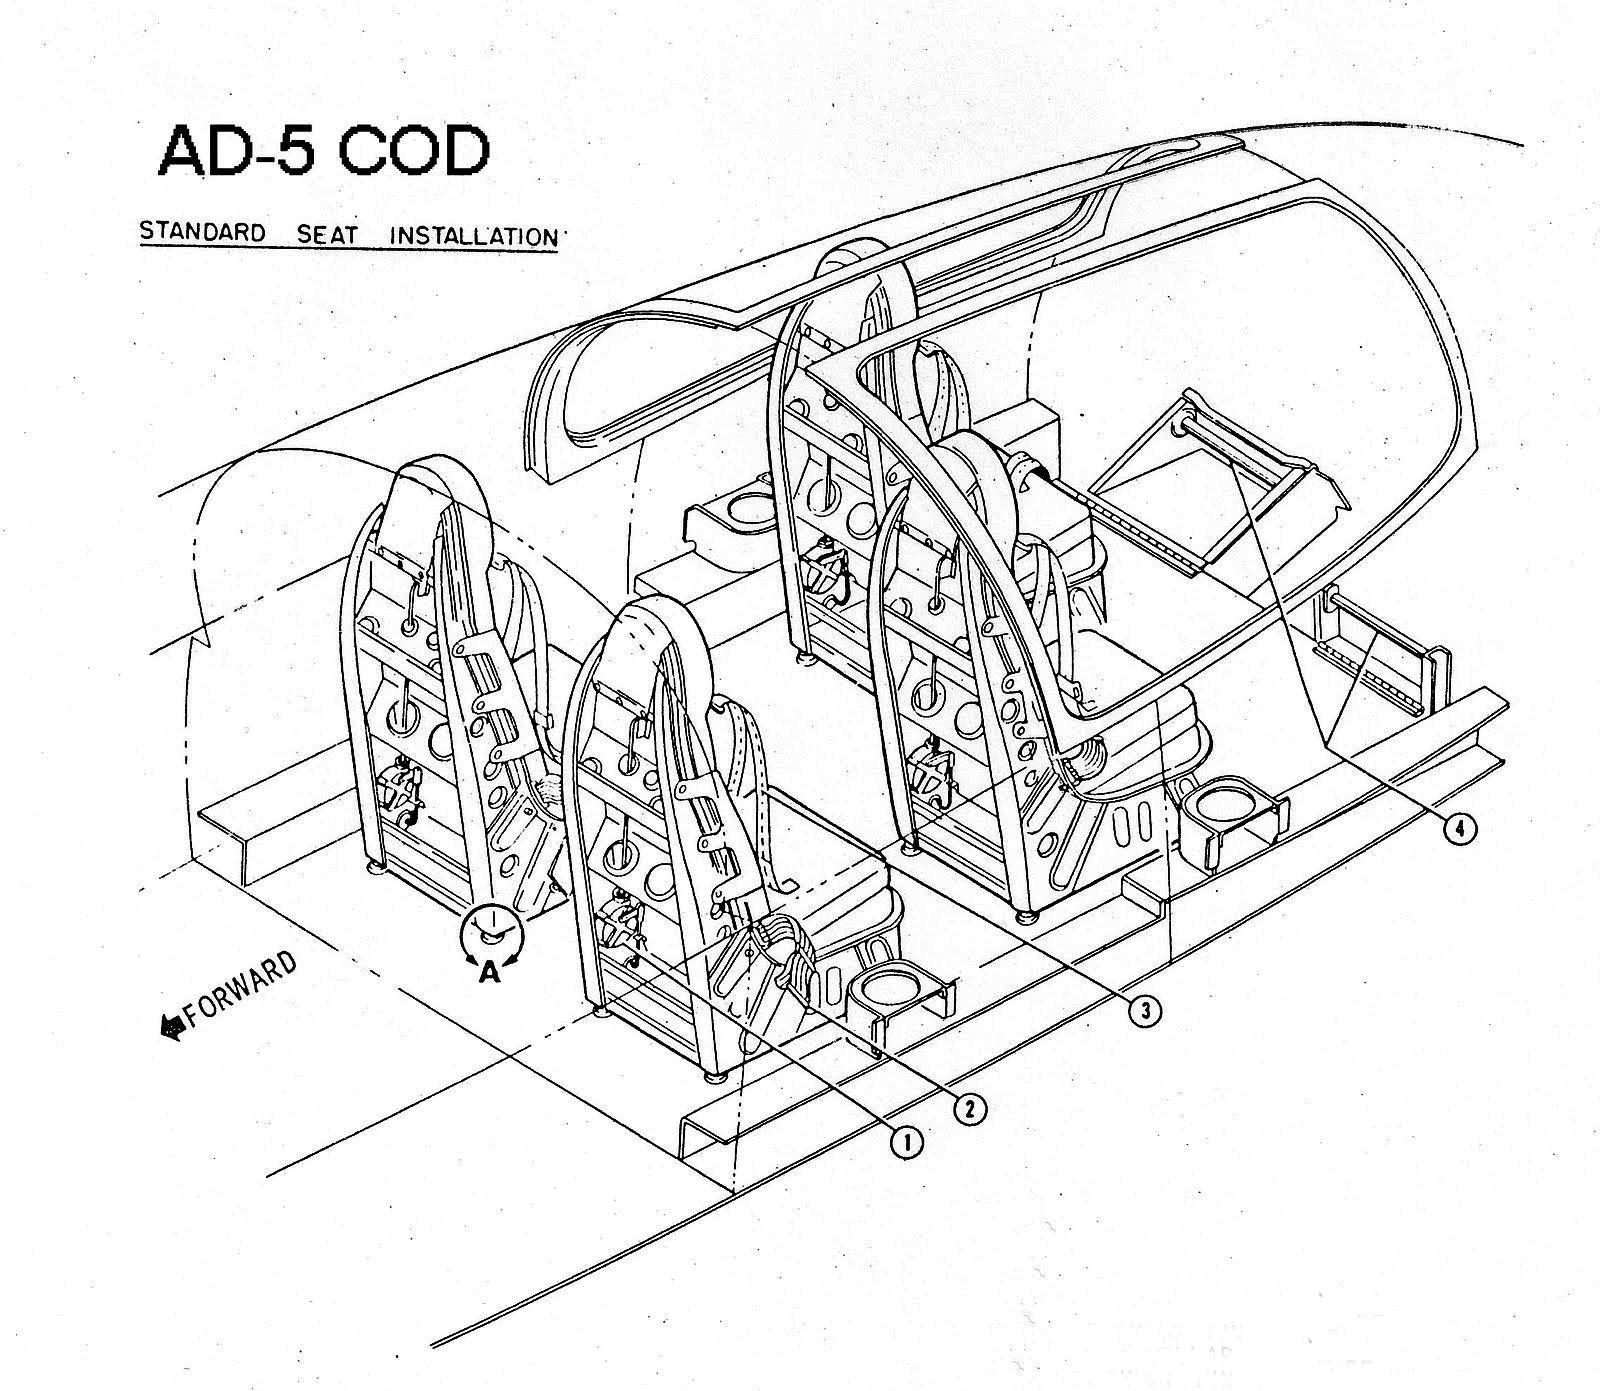 AD-5 COD 01.jpg